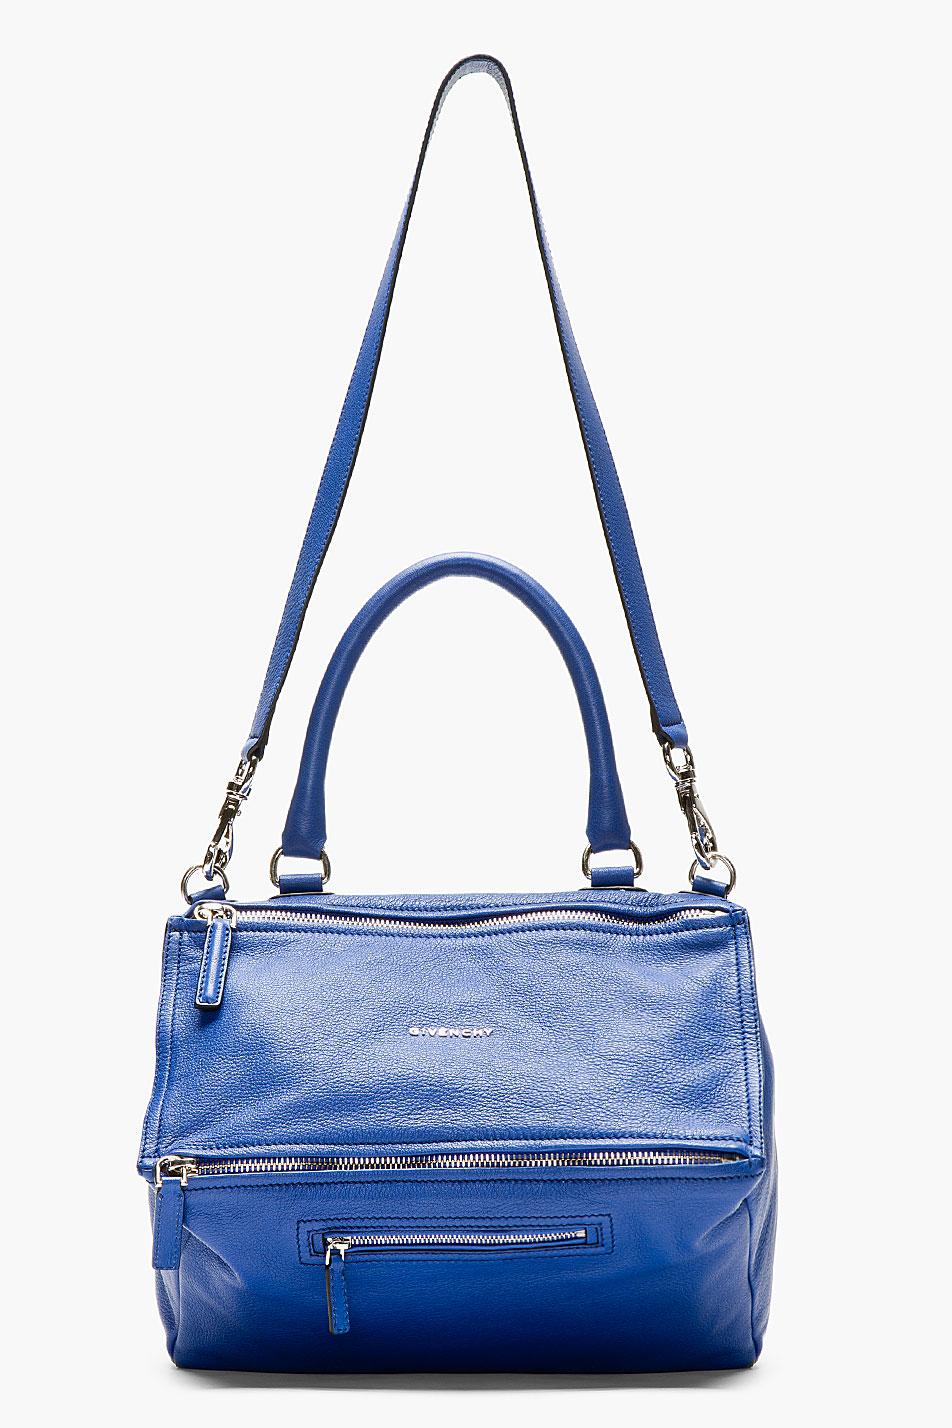 Lyst - Givenchy Blue Leather Pandora Shoulder Bag in Blue decc1cbc5c5c2